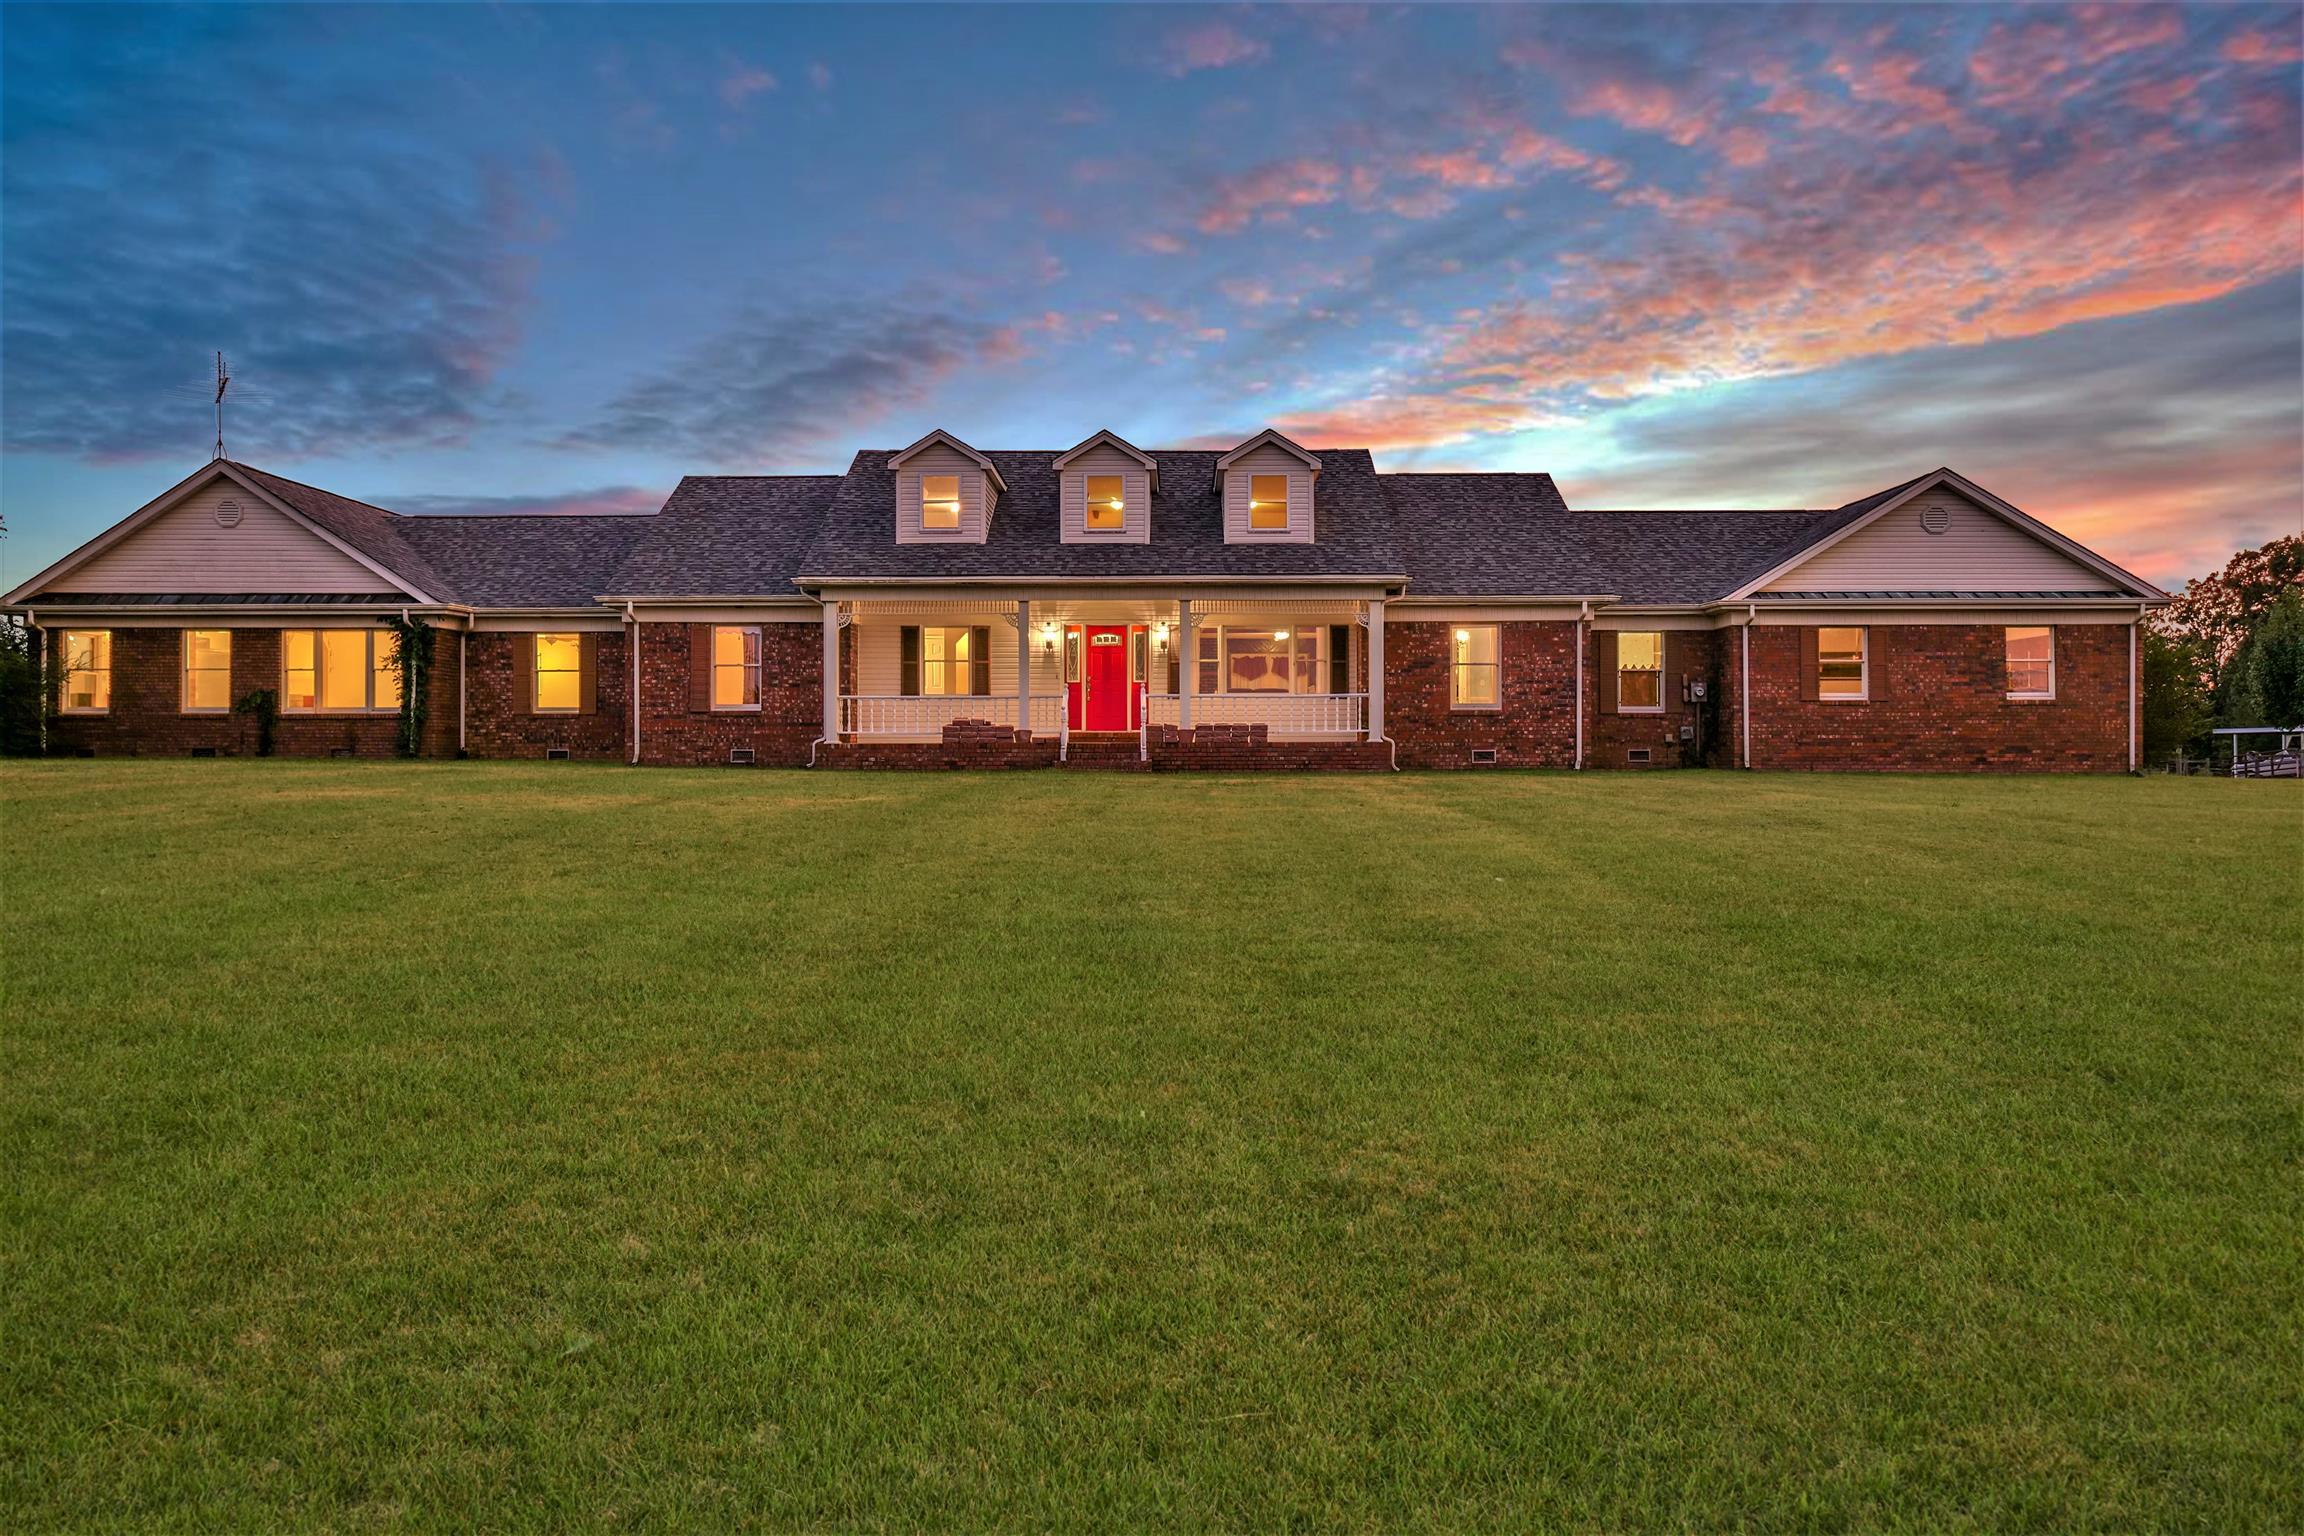 1524 Hwy 130-E, E, Shelbyville, TN 37160 - Shelbyville, TN real estate listing